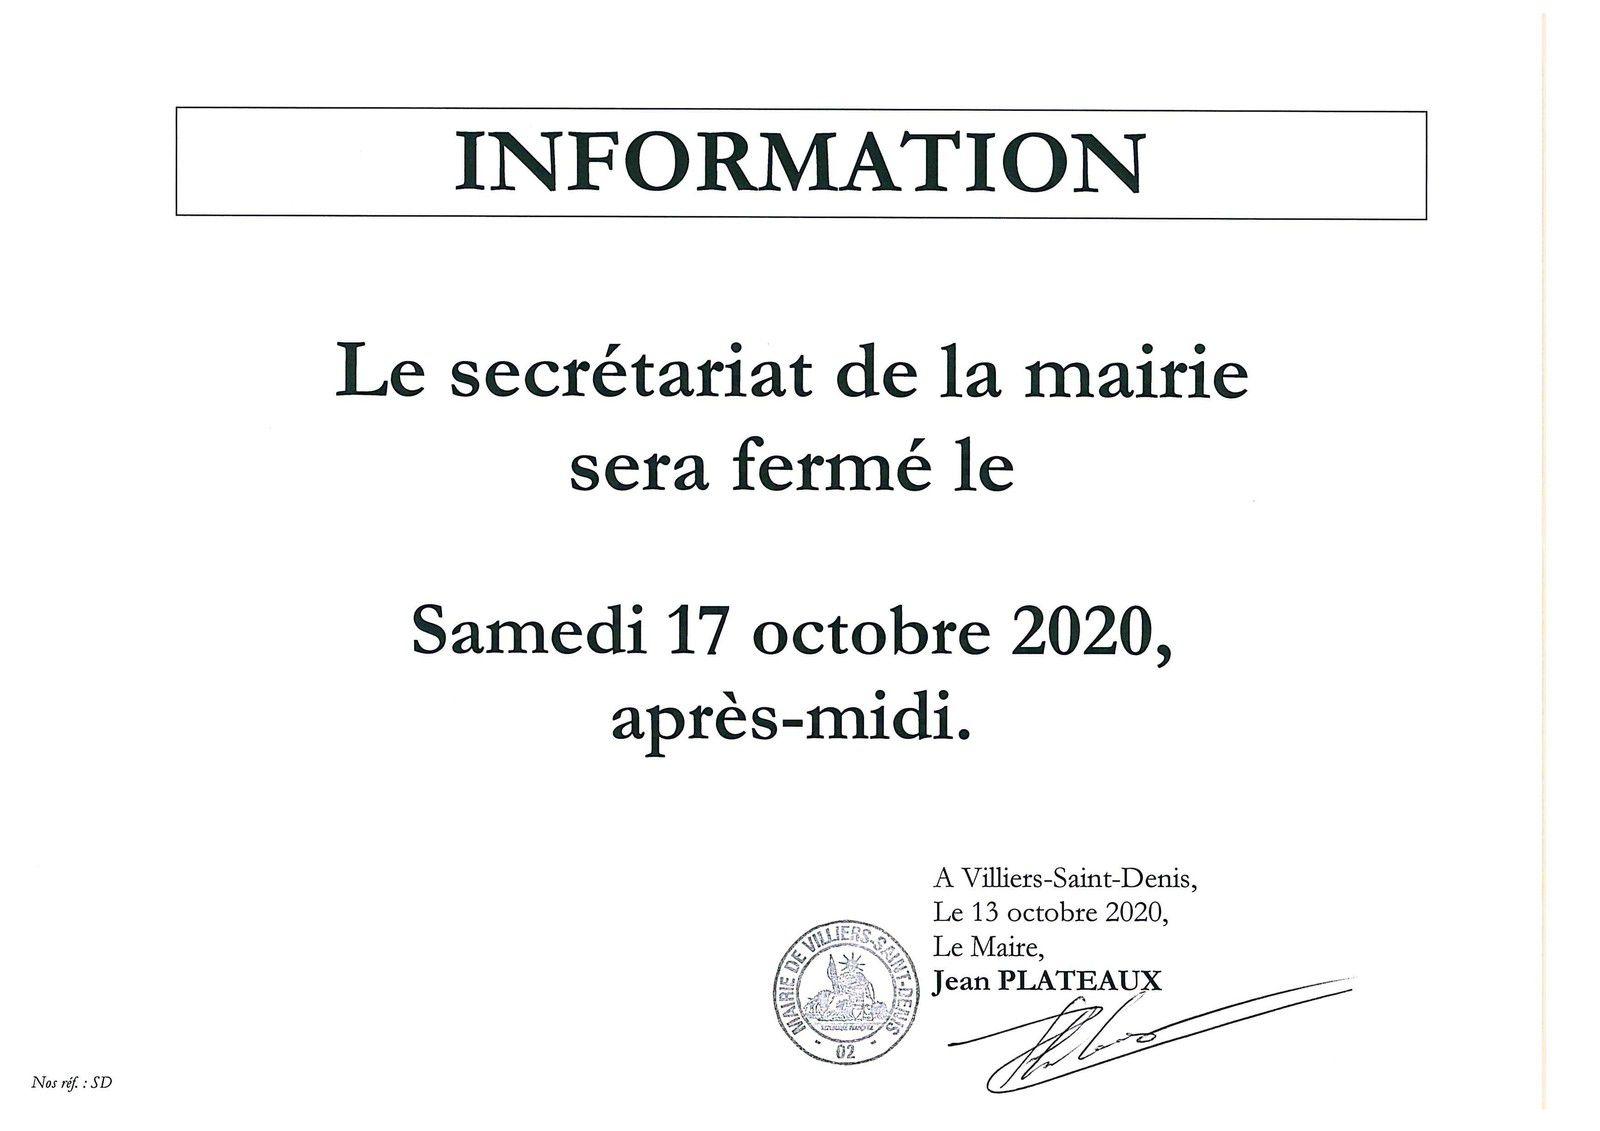 Fermeture du secrétariat de mairie -17 octobre 2020